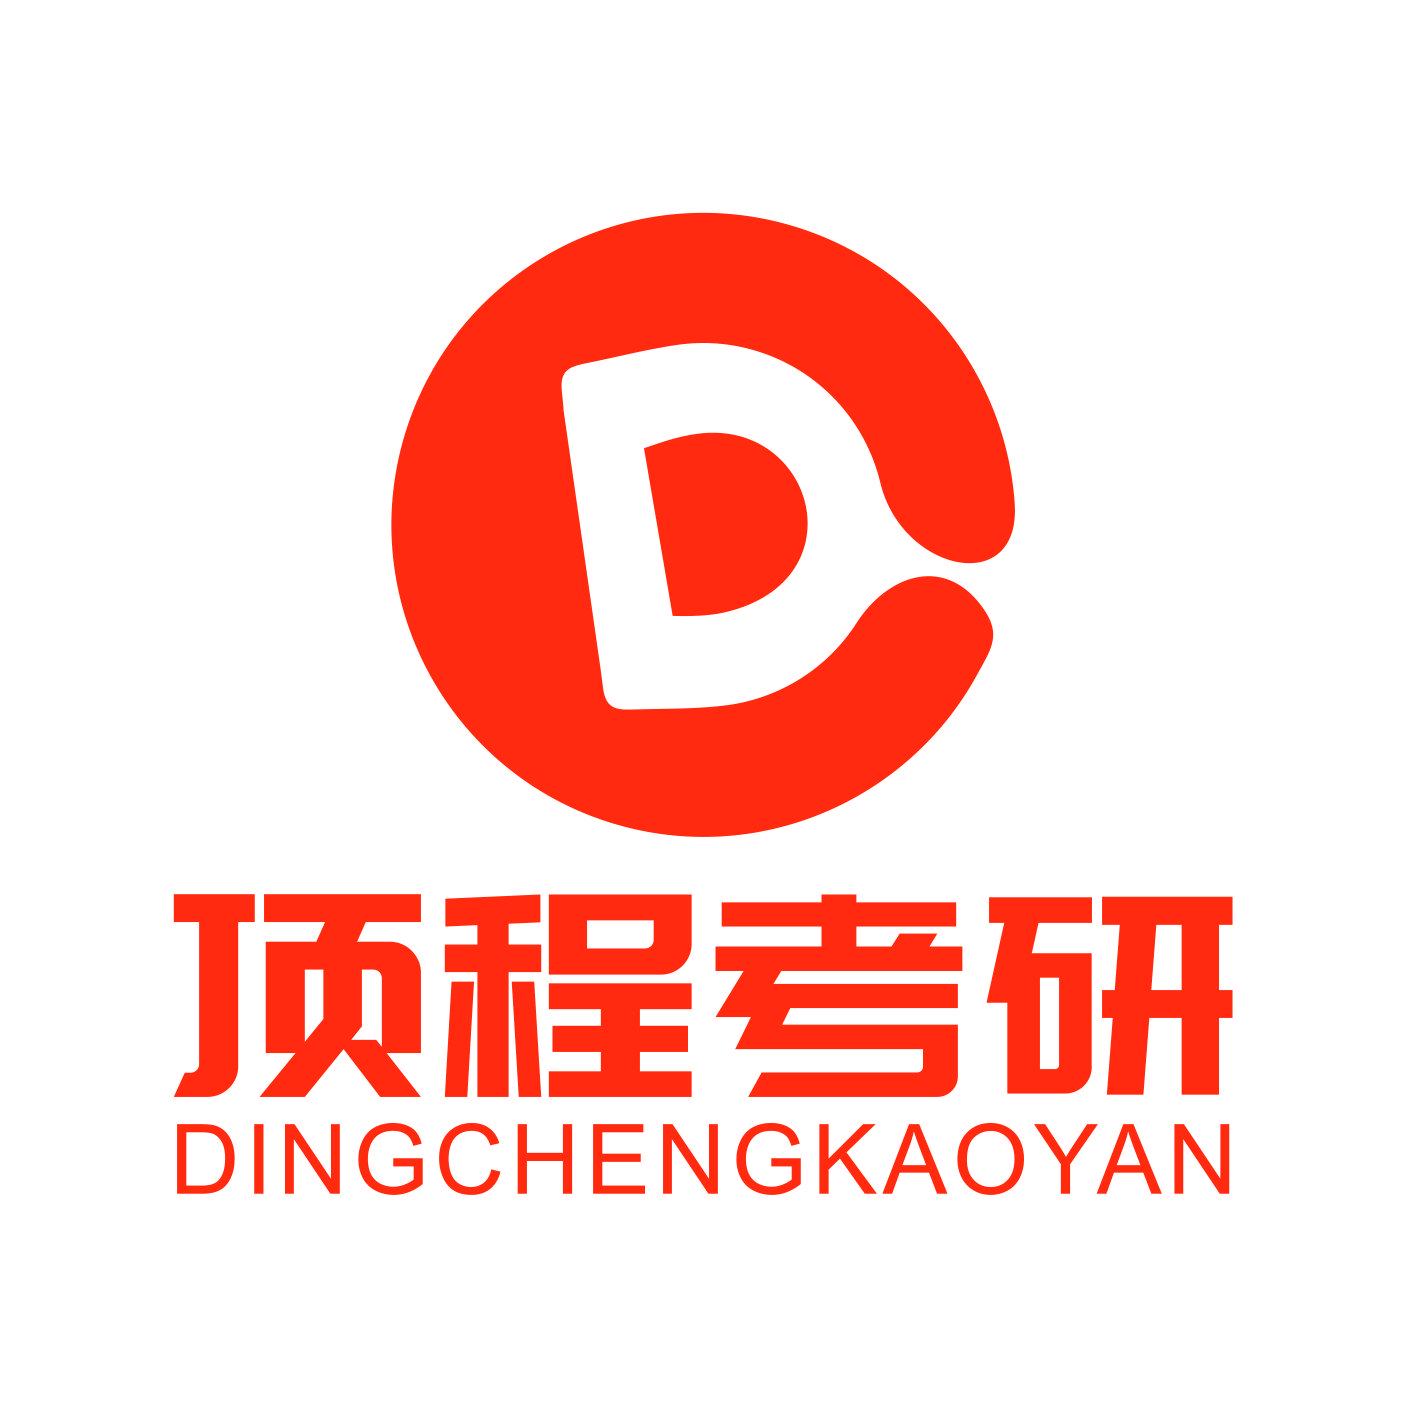 上海顶程教育科技有限公司logo